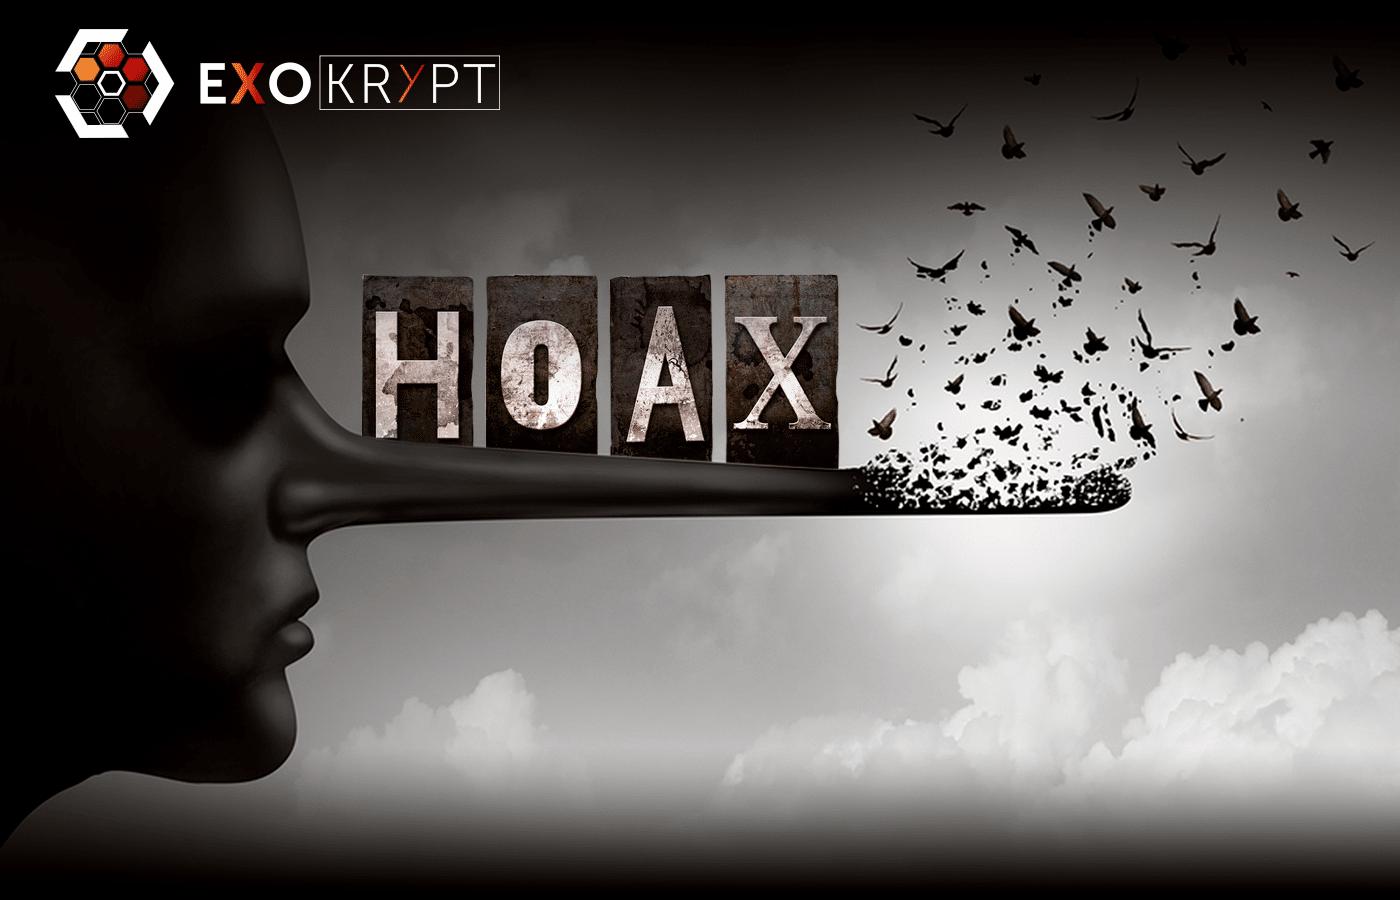 Gesicht mit sehr langer Nase auf der die Buchstaben H O A X zu lesen sind. Die Spitze der Nase verwandelt sich in Vögel die davon fliegen.